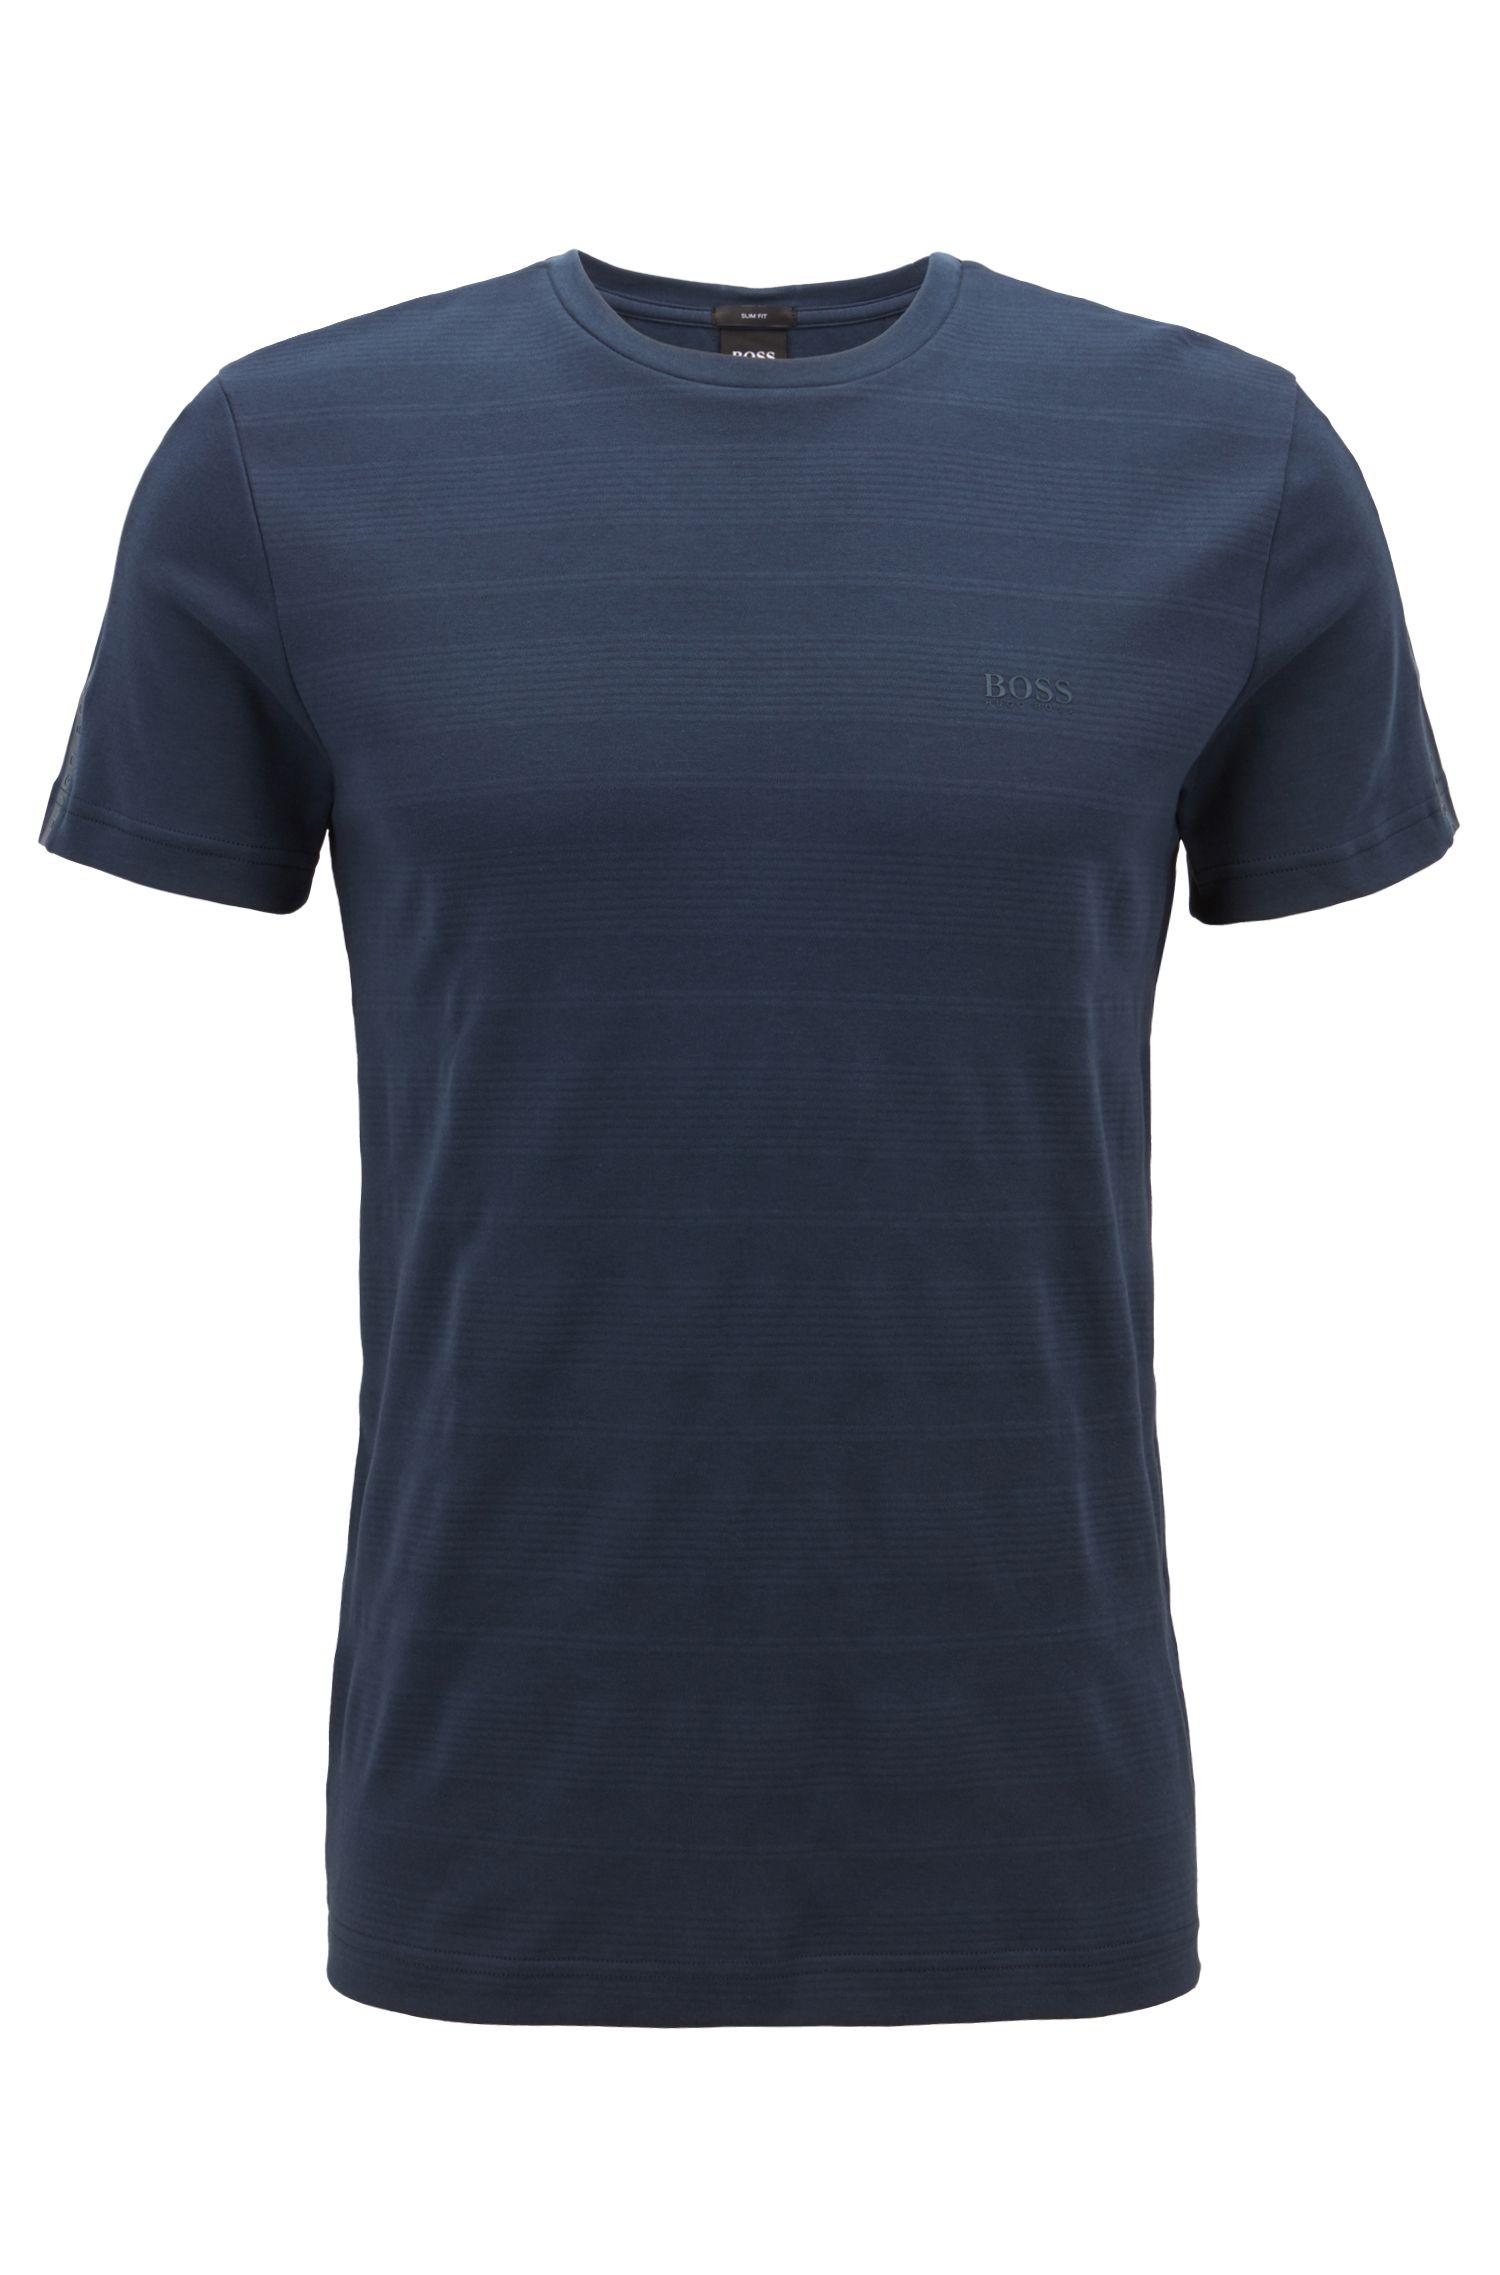 T-shirt slim fit in cotone con fettuccia con logo sulle maniche, Blu scuro